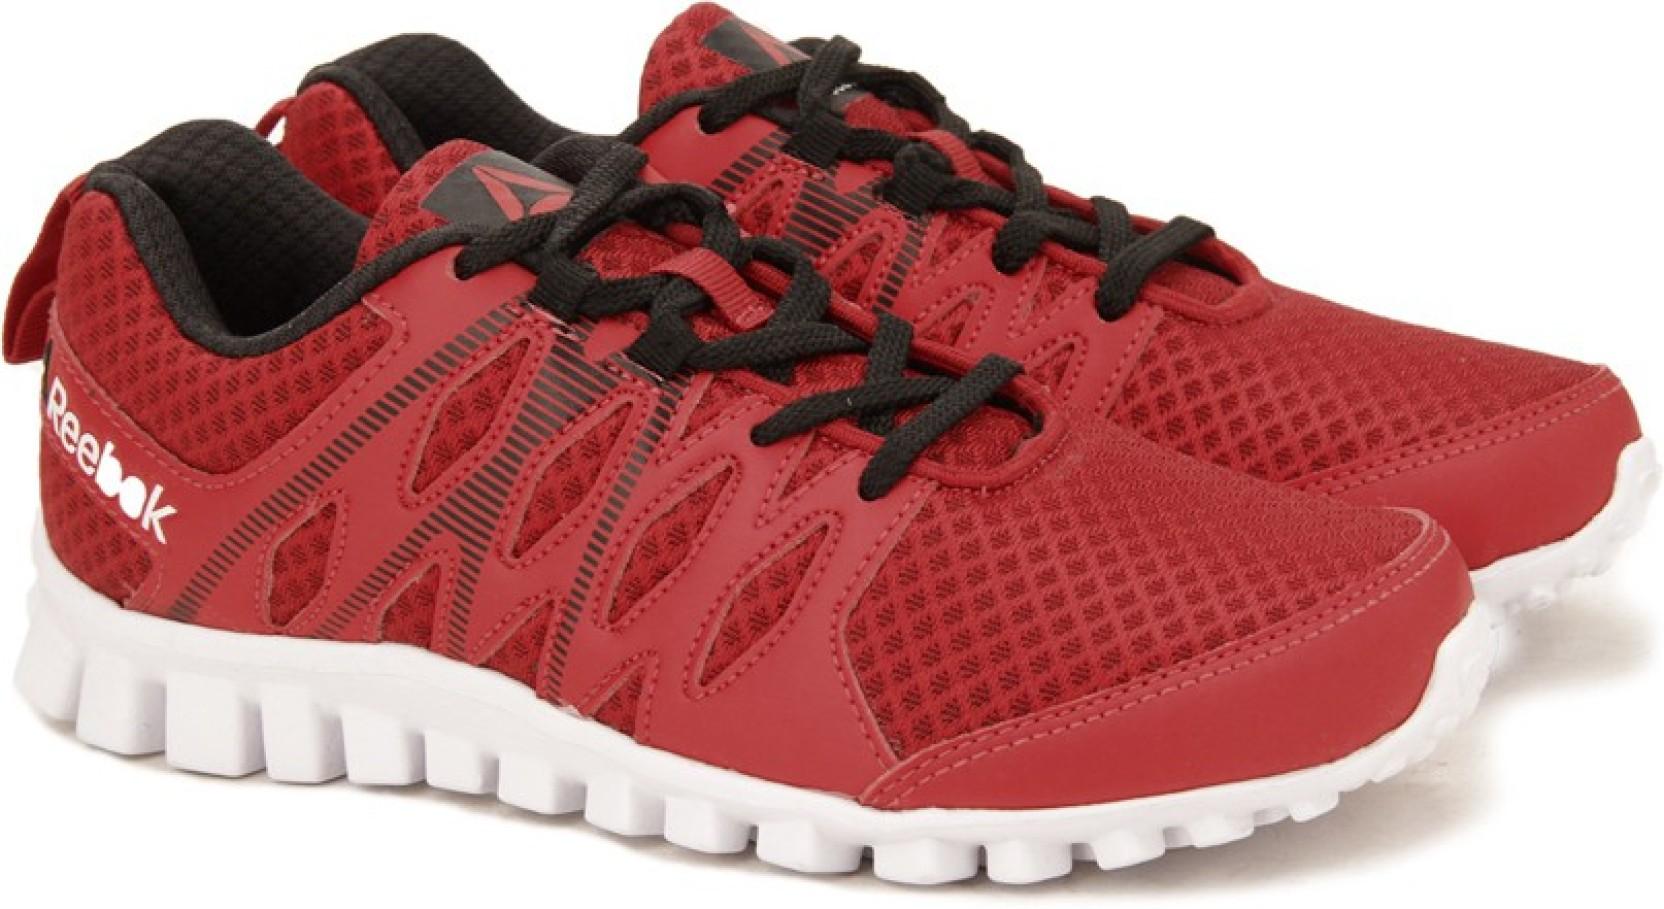 b4eedff1 REEBOK Boys Running Shoes